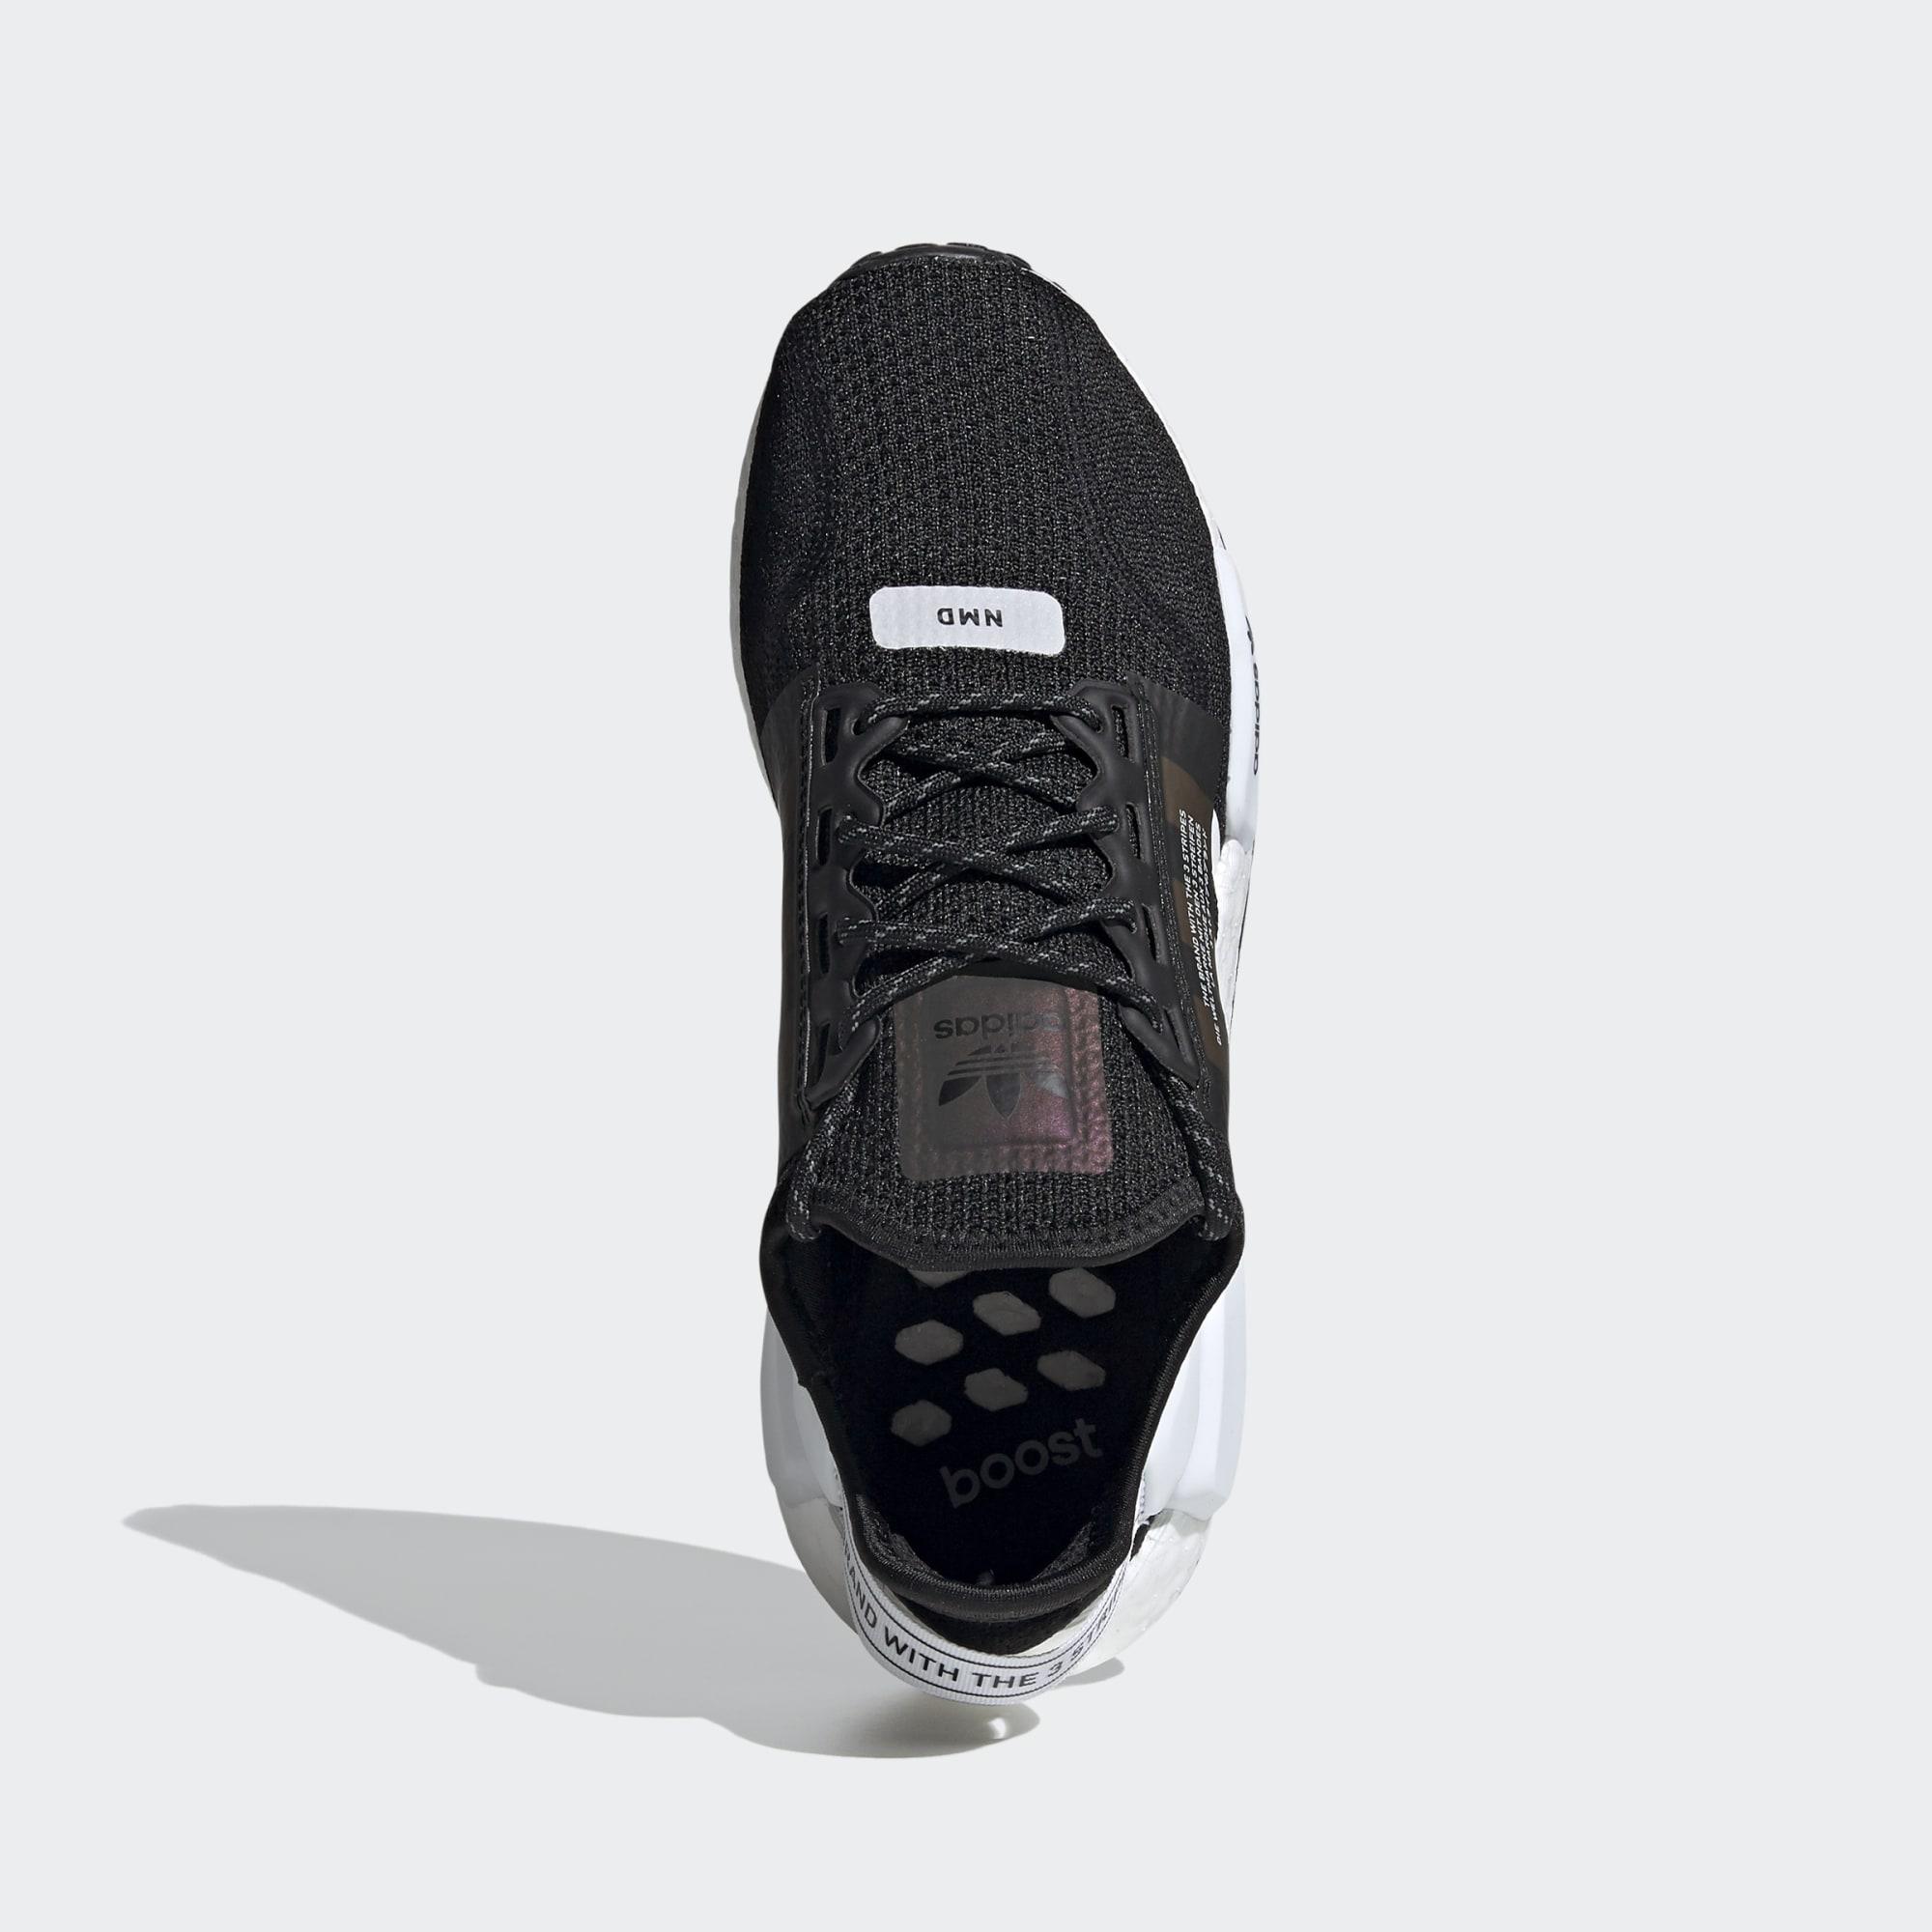 NMD_R1_V2_Shoes_Black_FV9021_02_standard.jpg